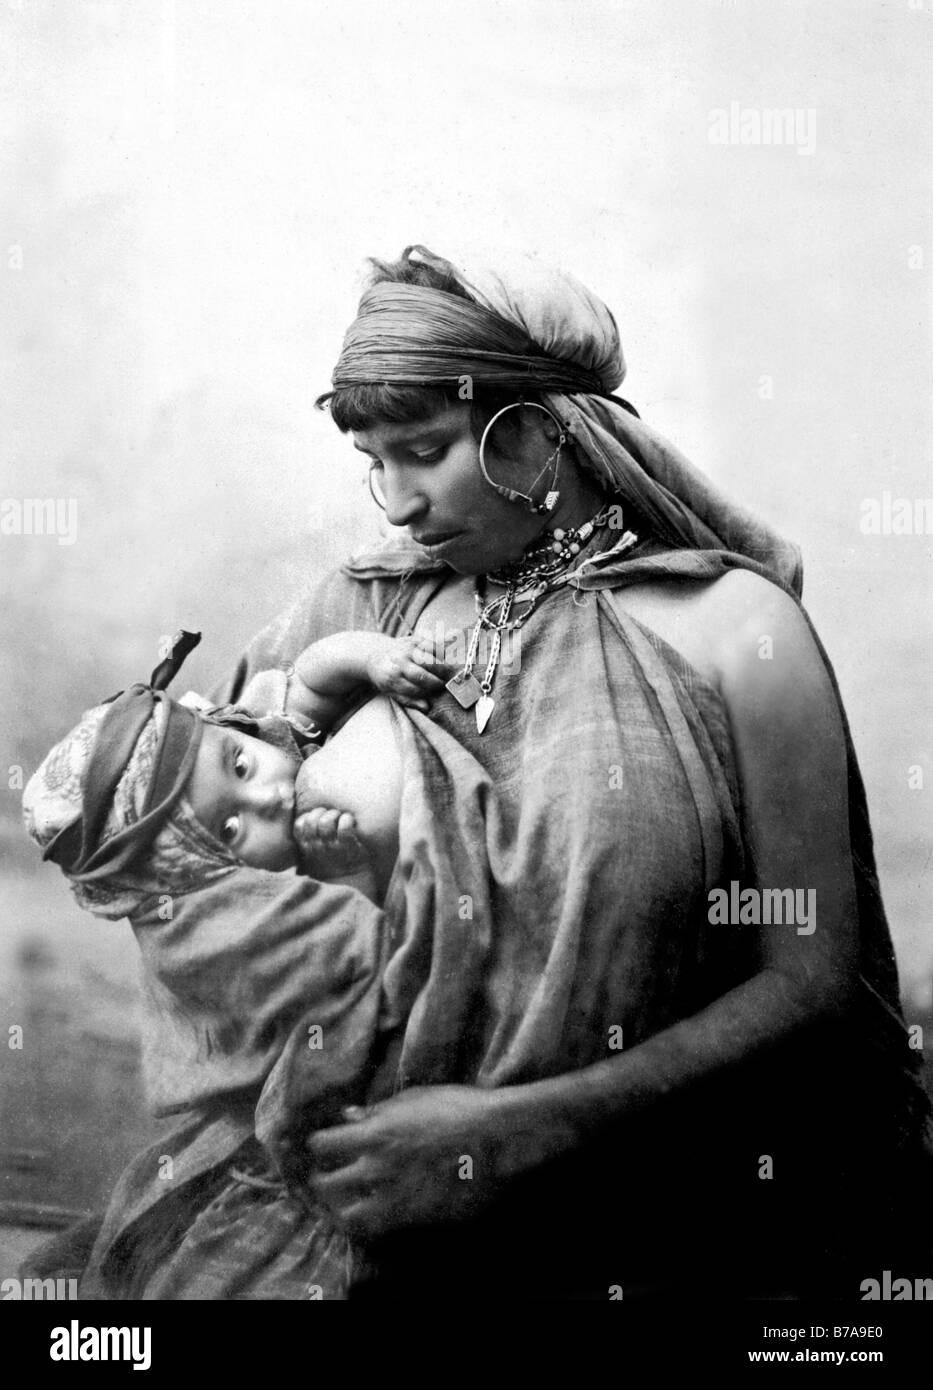 Foto storiche, donna Beduina con baby, Egitto, ca. 1870 Immagini Stock